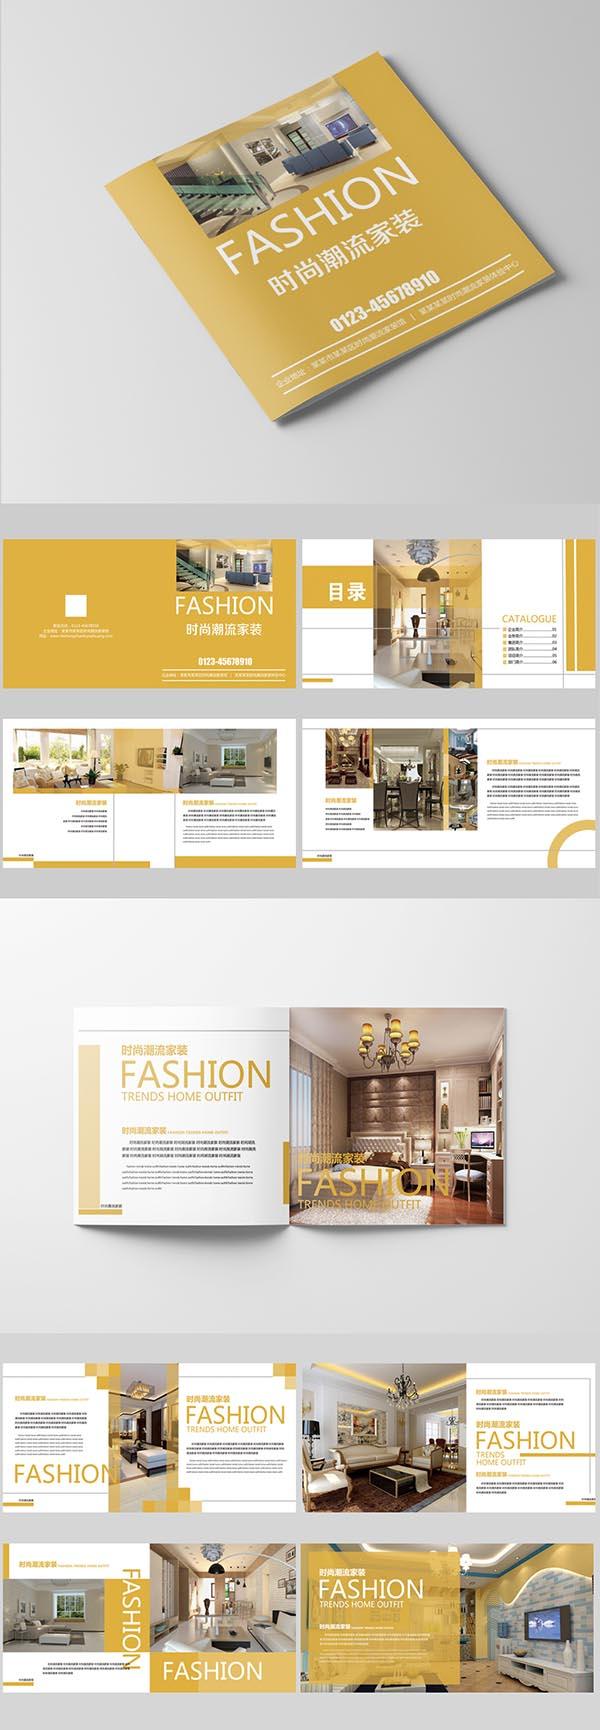 黄色商用企业画册